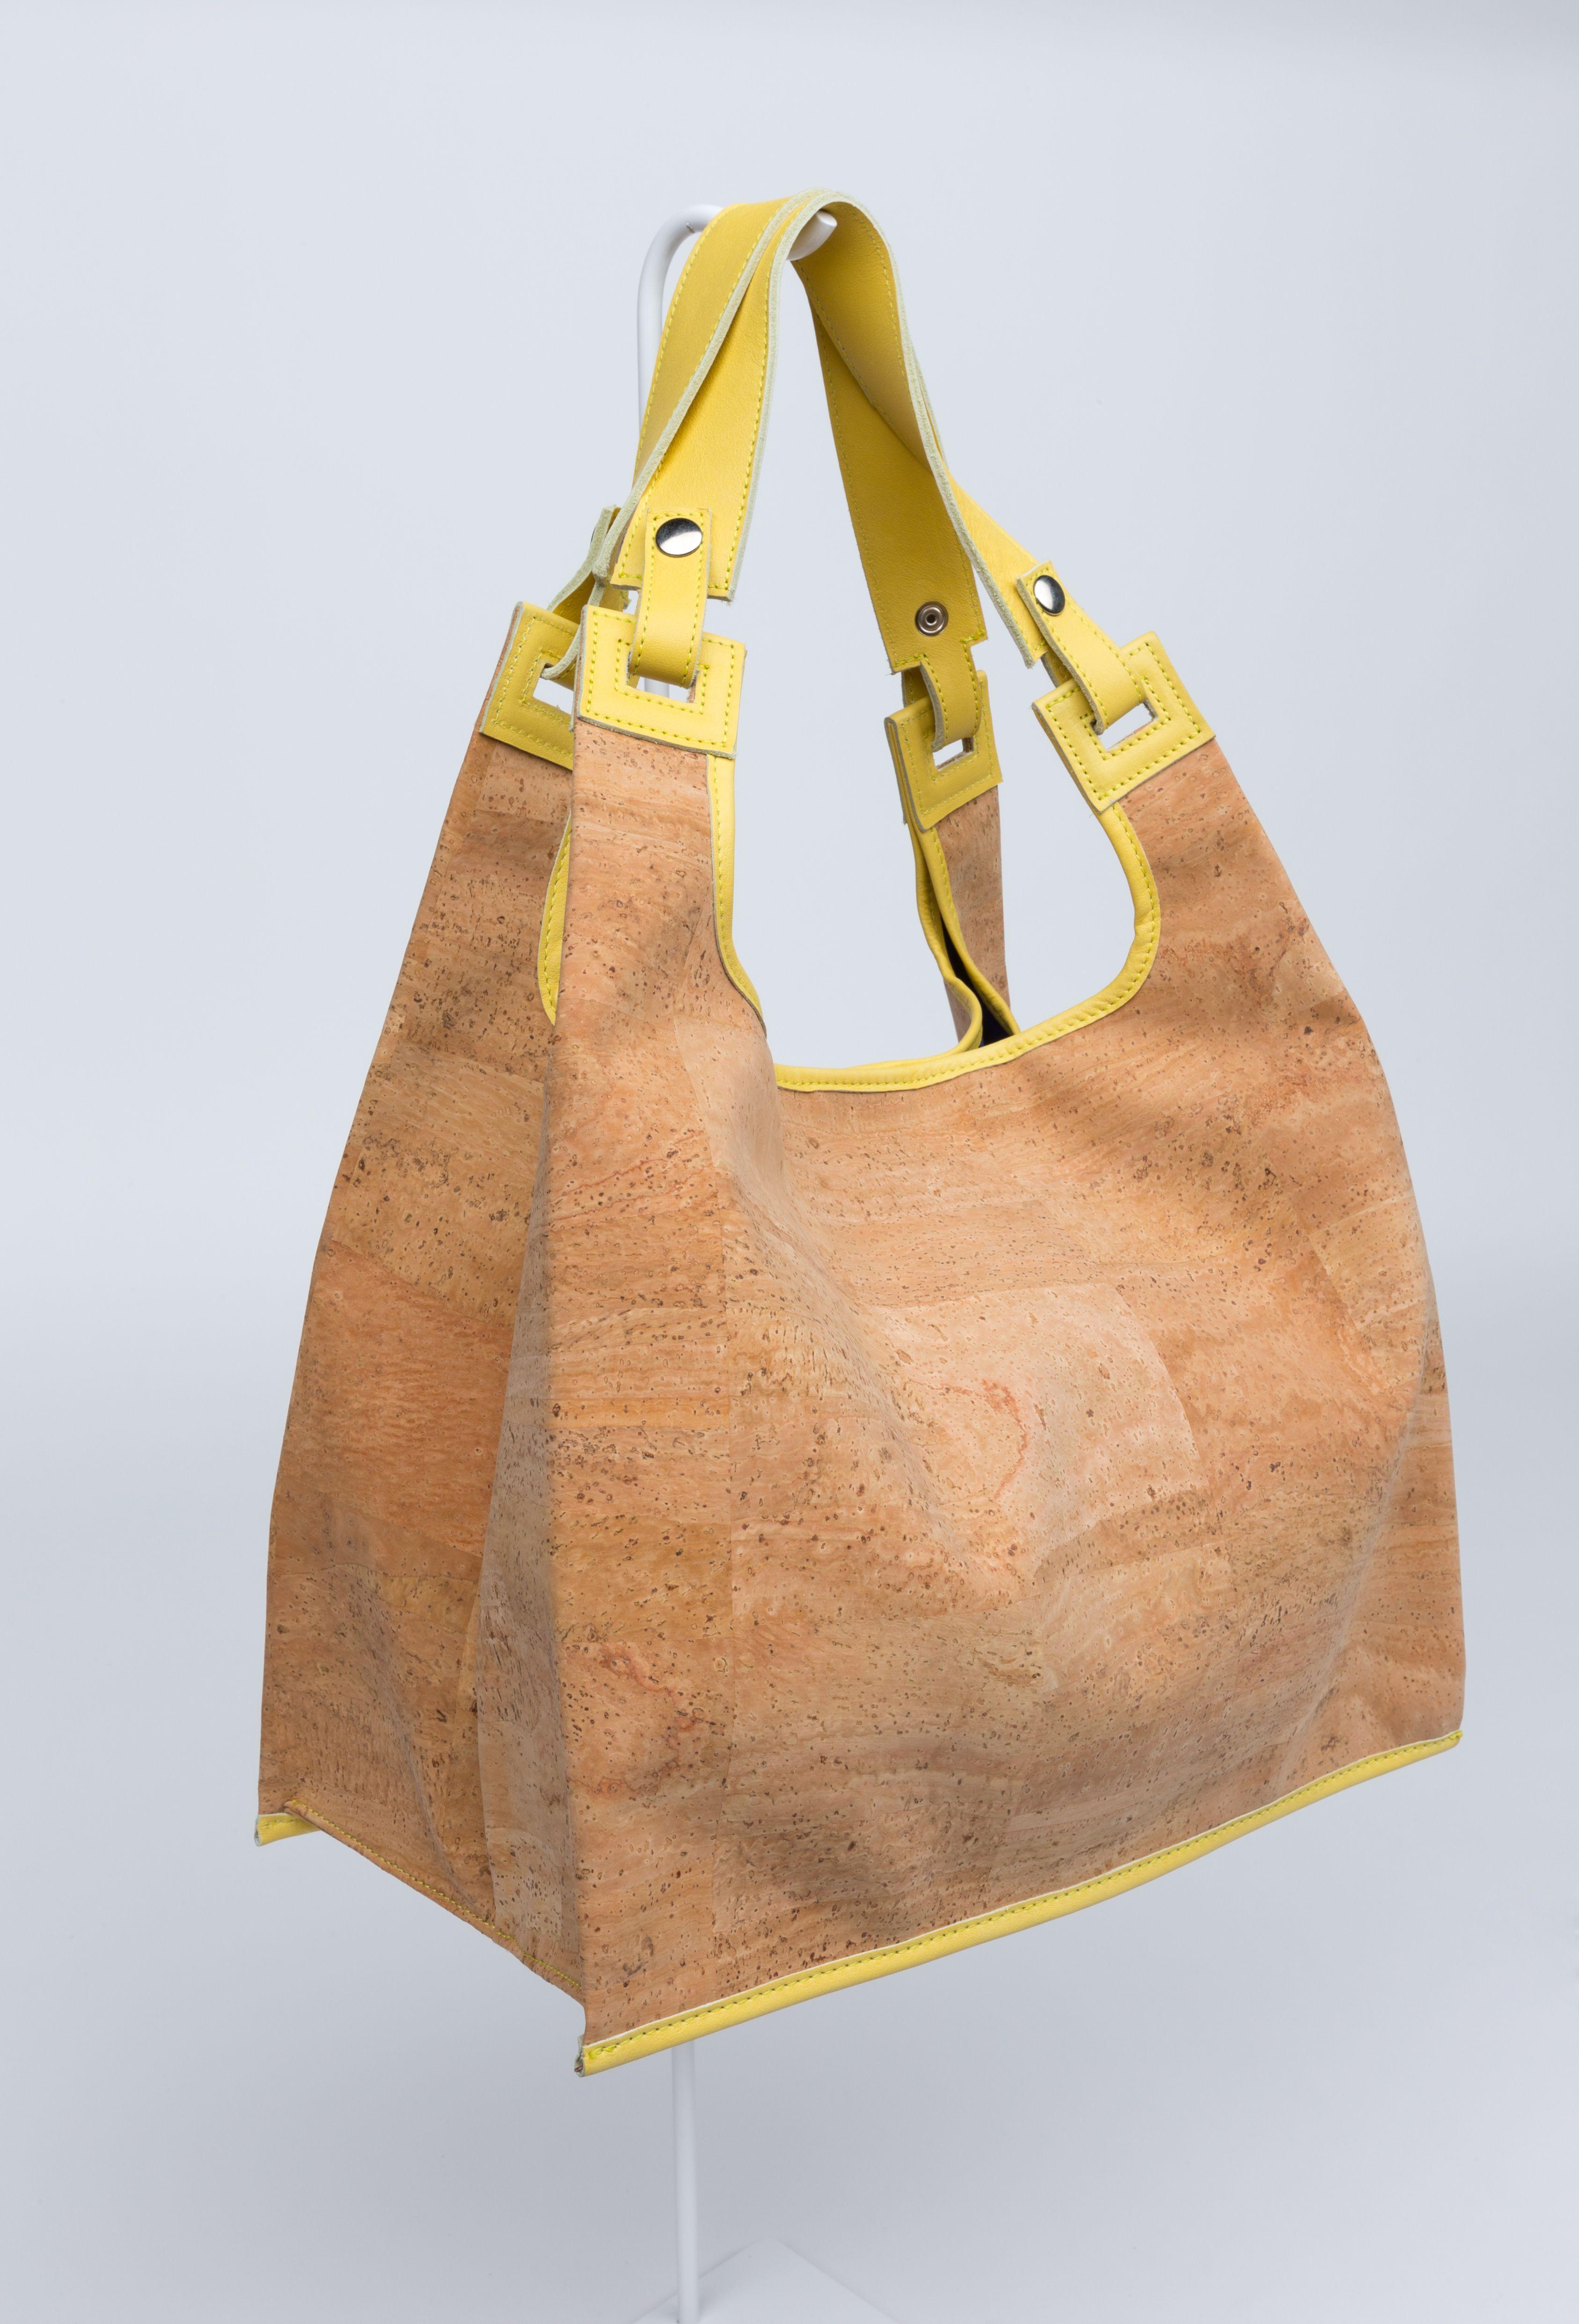 Supermarket Bag Cork SS15 | Lumi Accessories  www.shoplumi.com